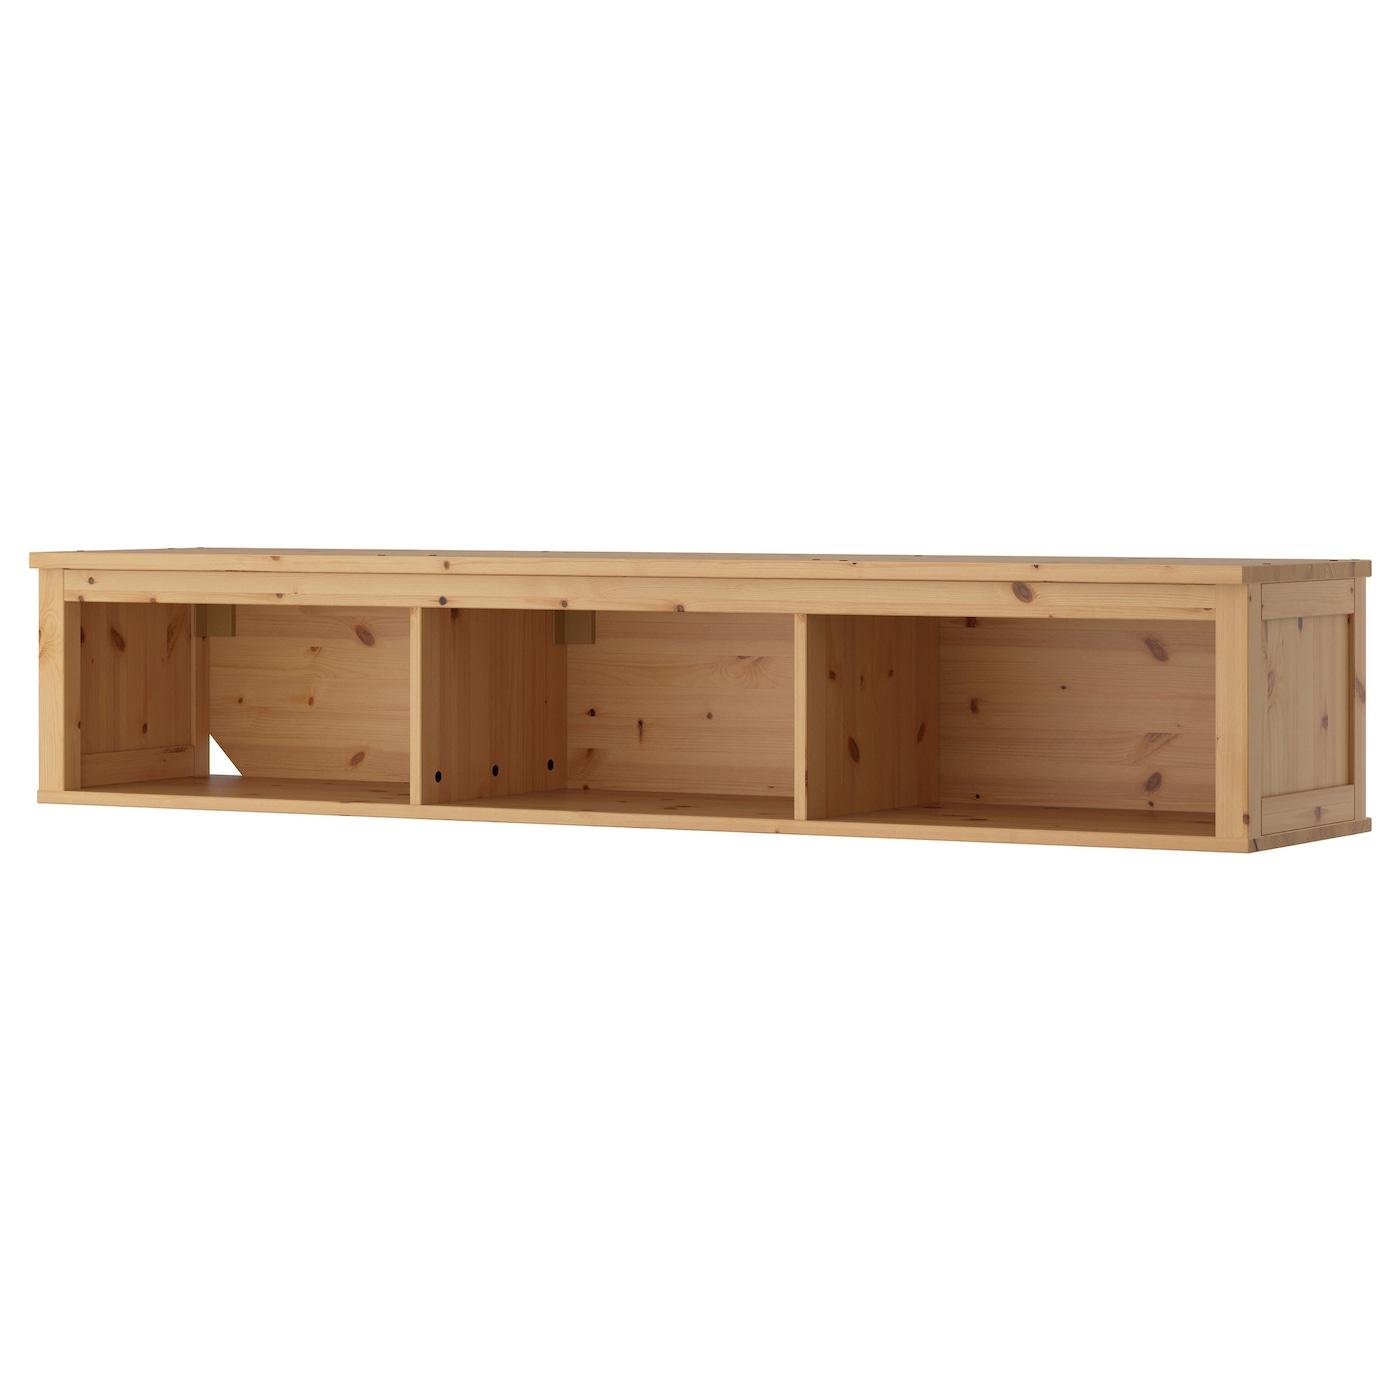 Hemnes wall bridging shelf light brown 183x37 cm ikea - Ikea tablette salle de bain ...